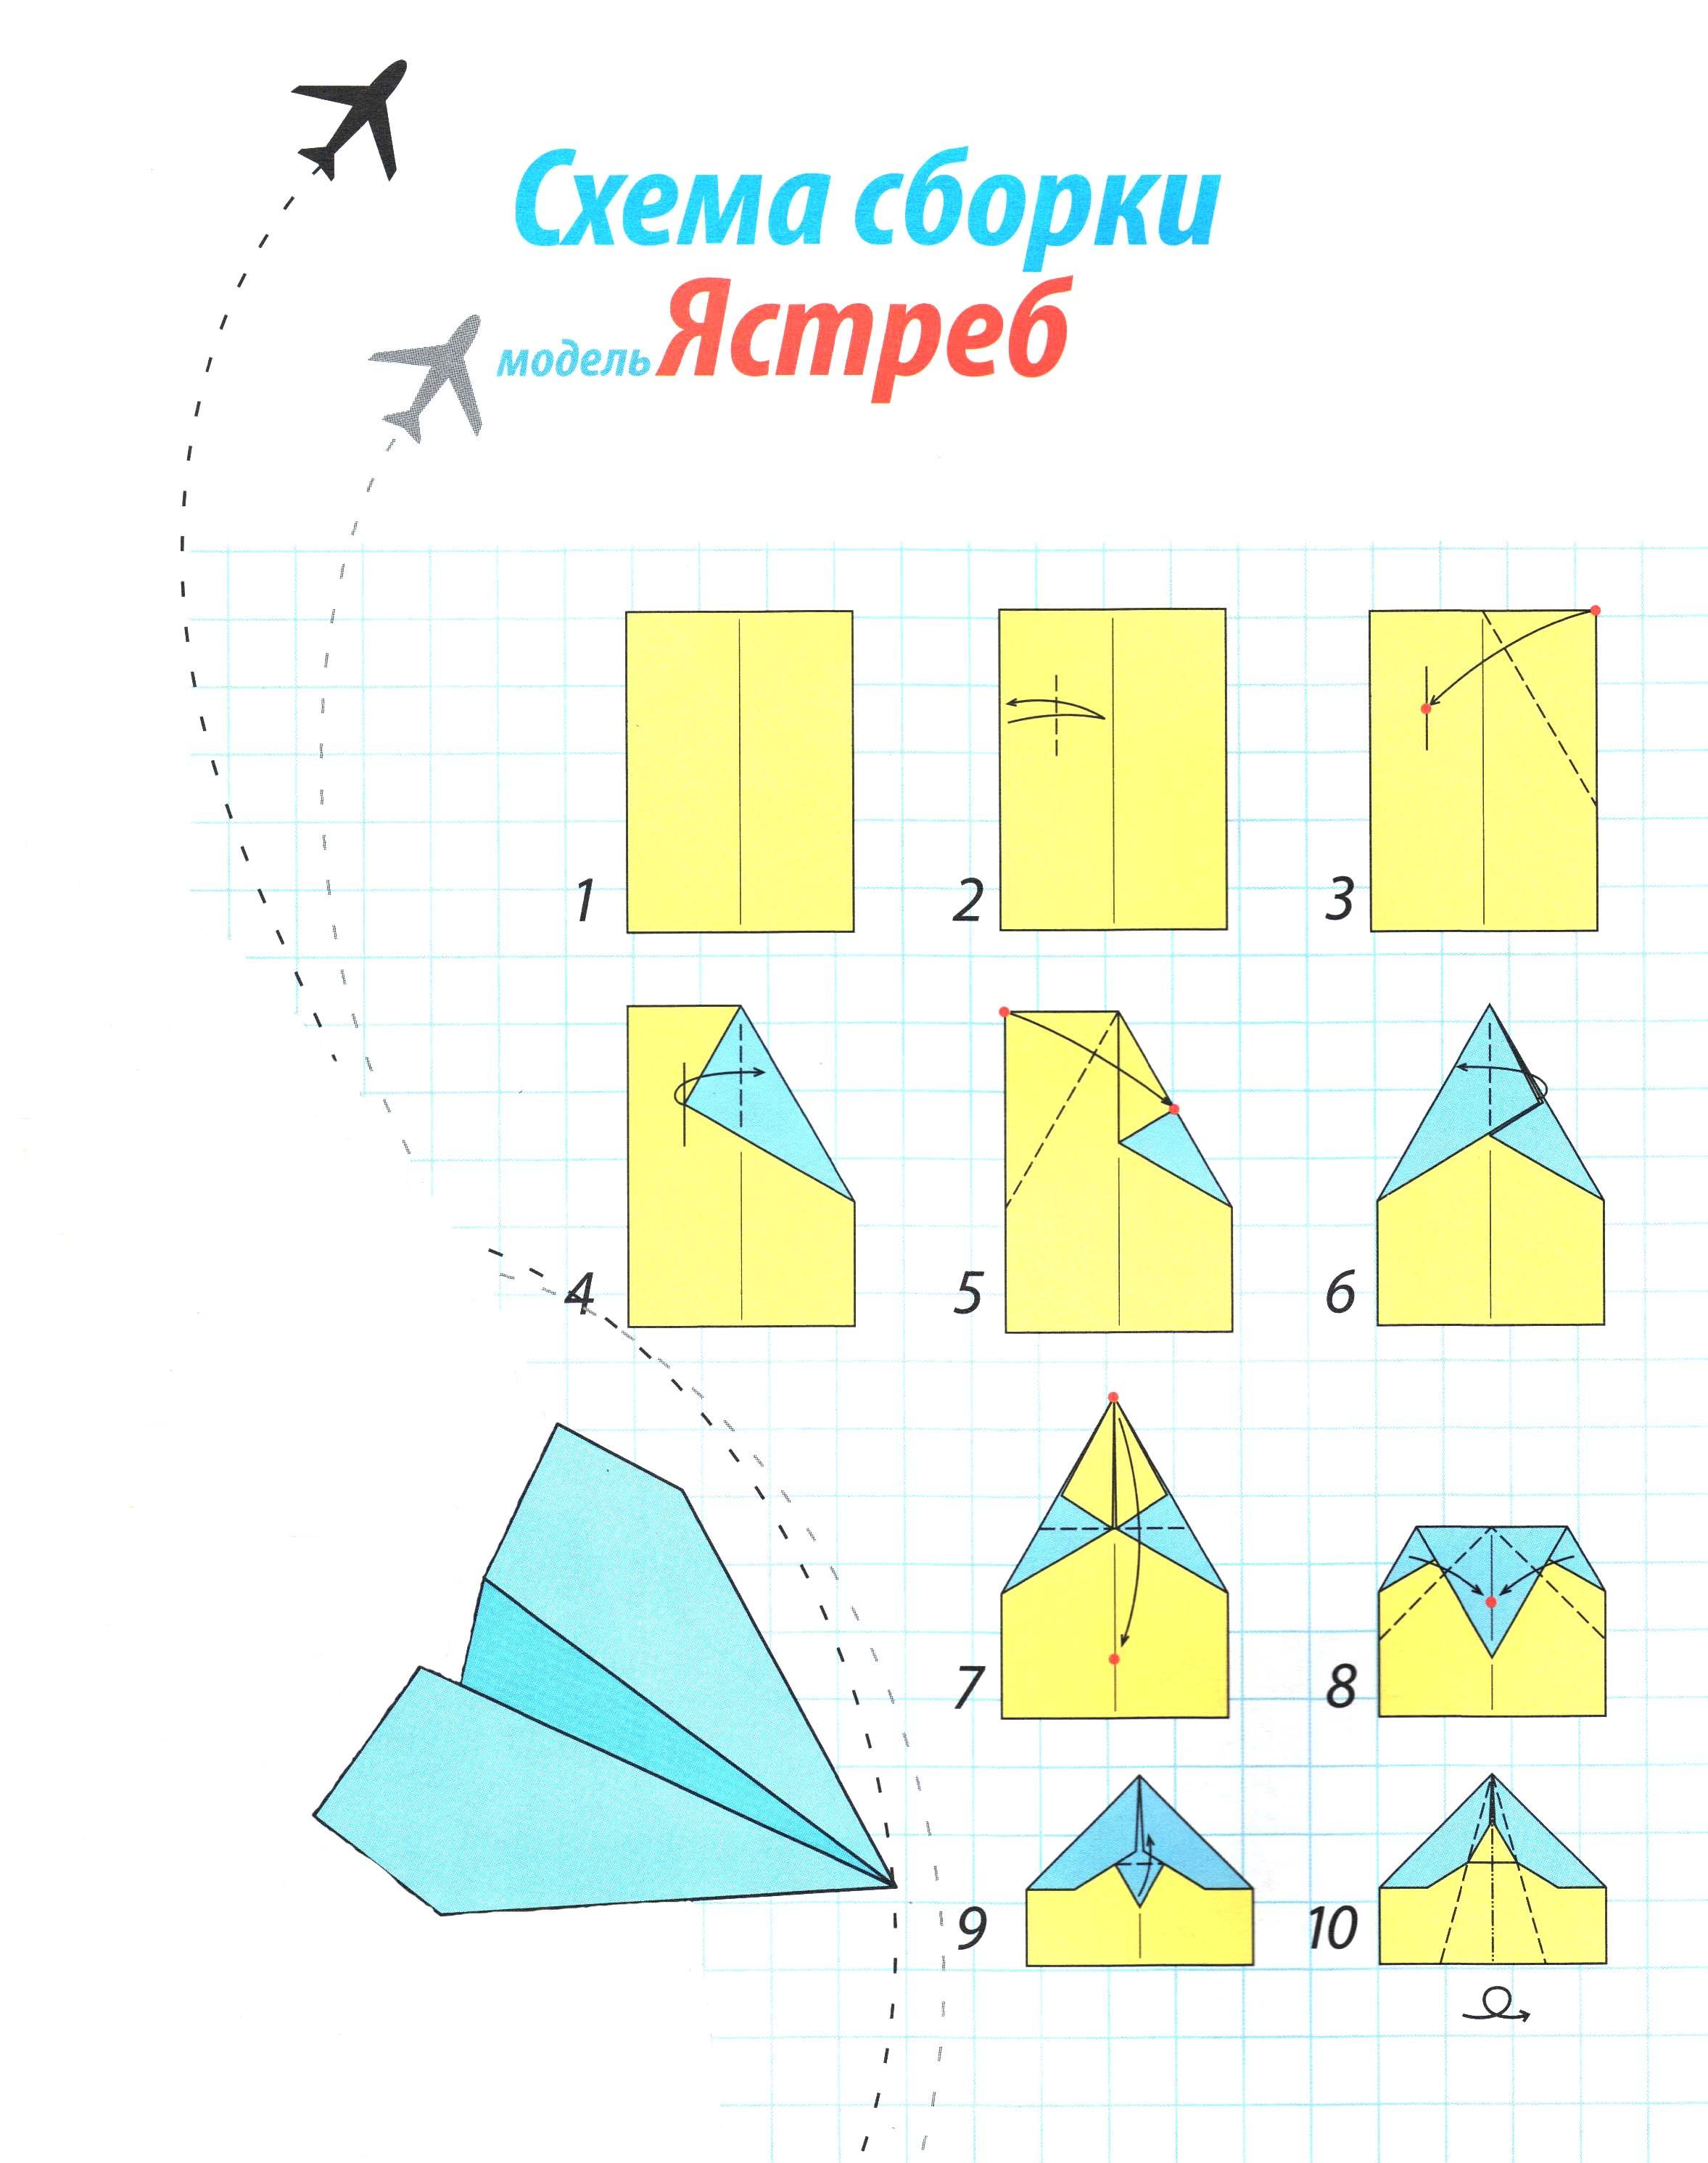 Как сделать кораблик и самолет из бумаги